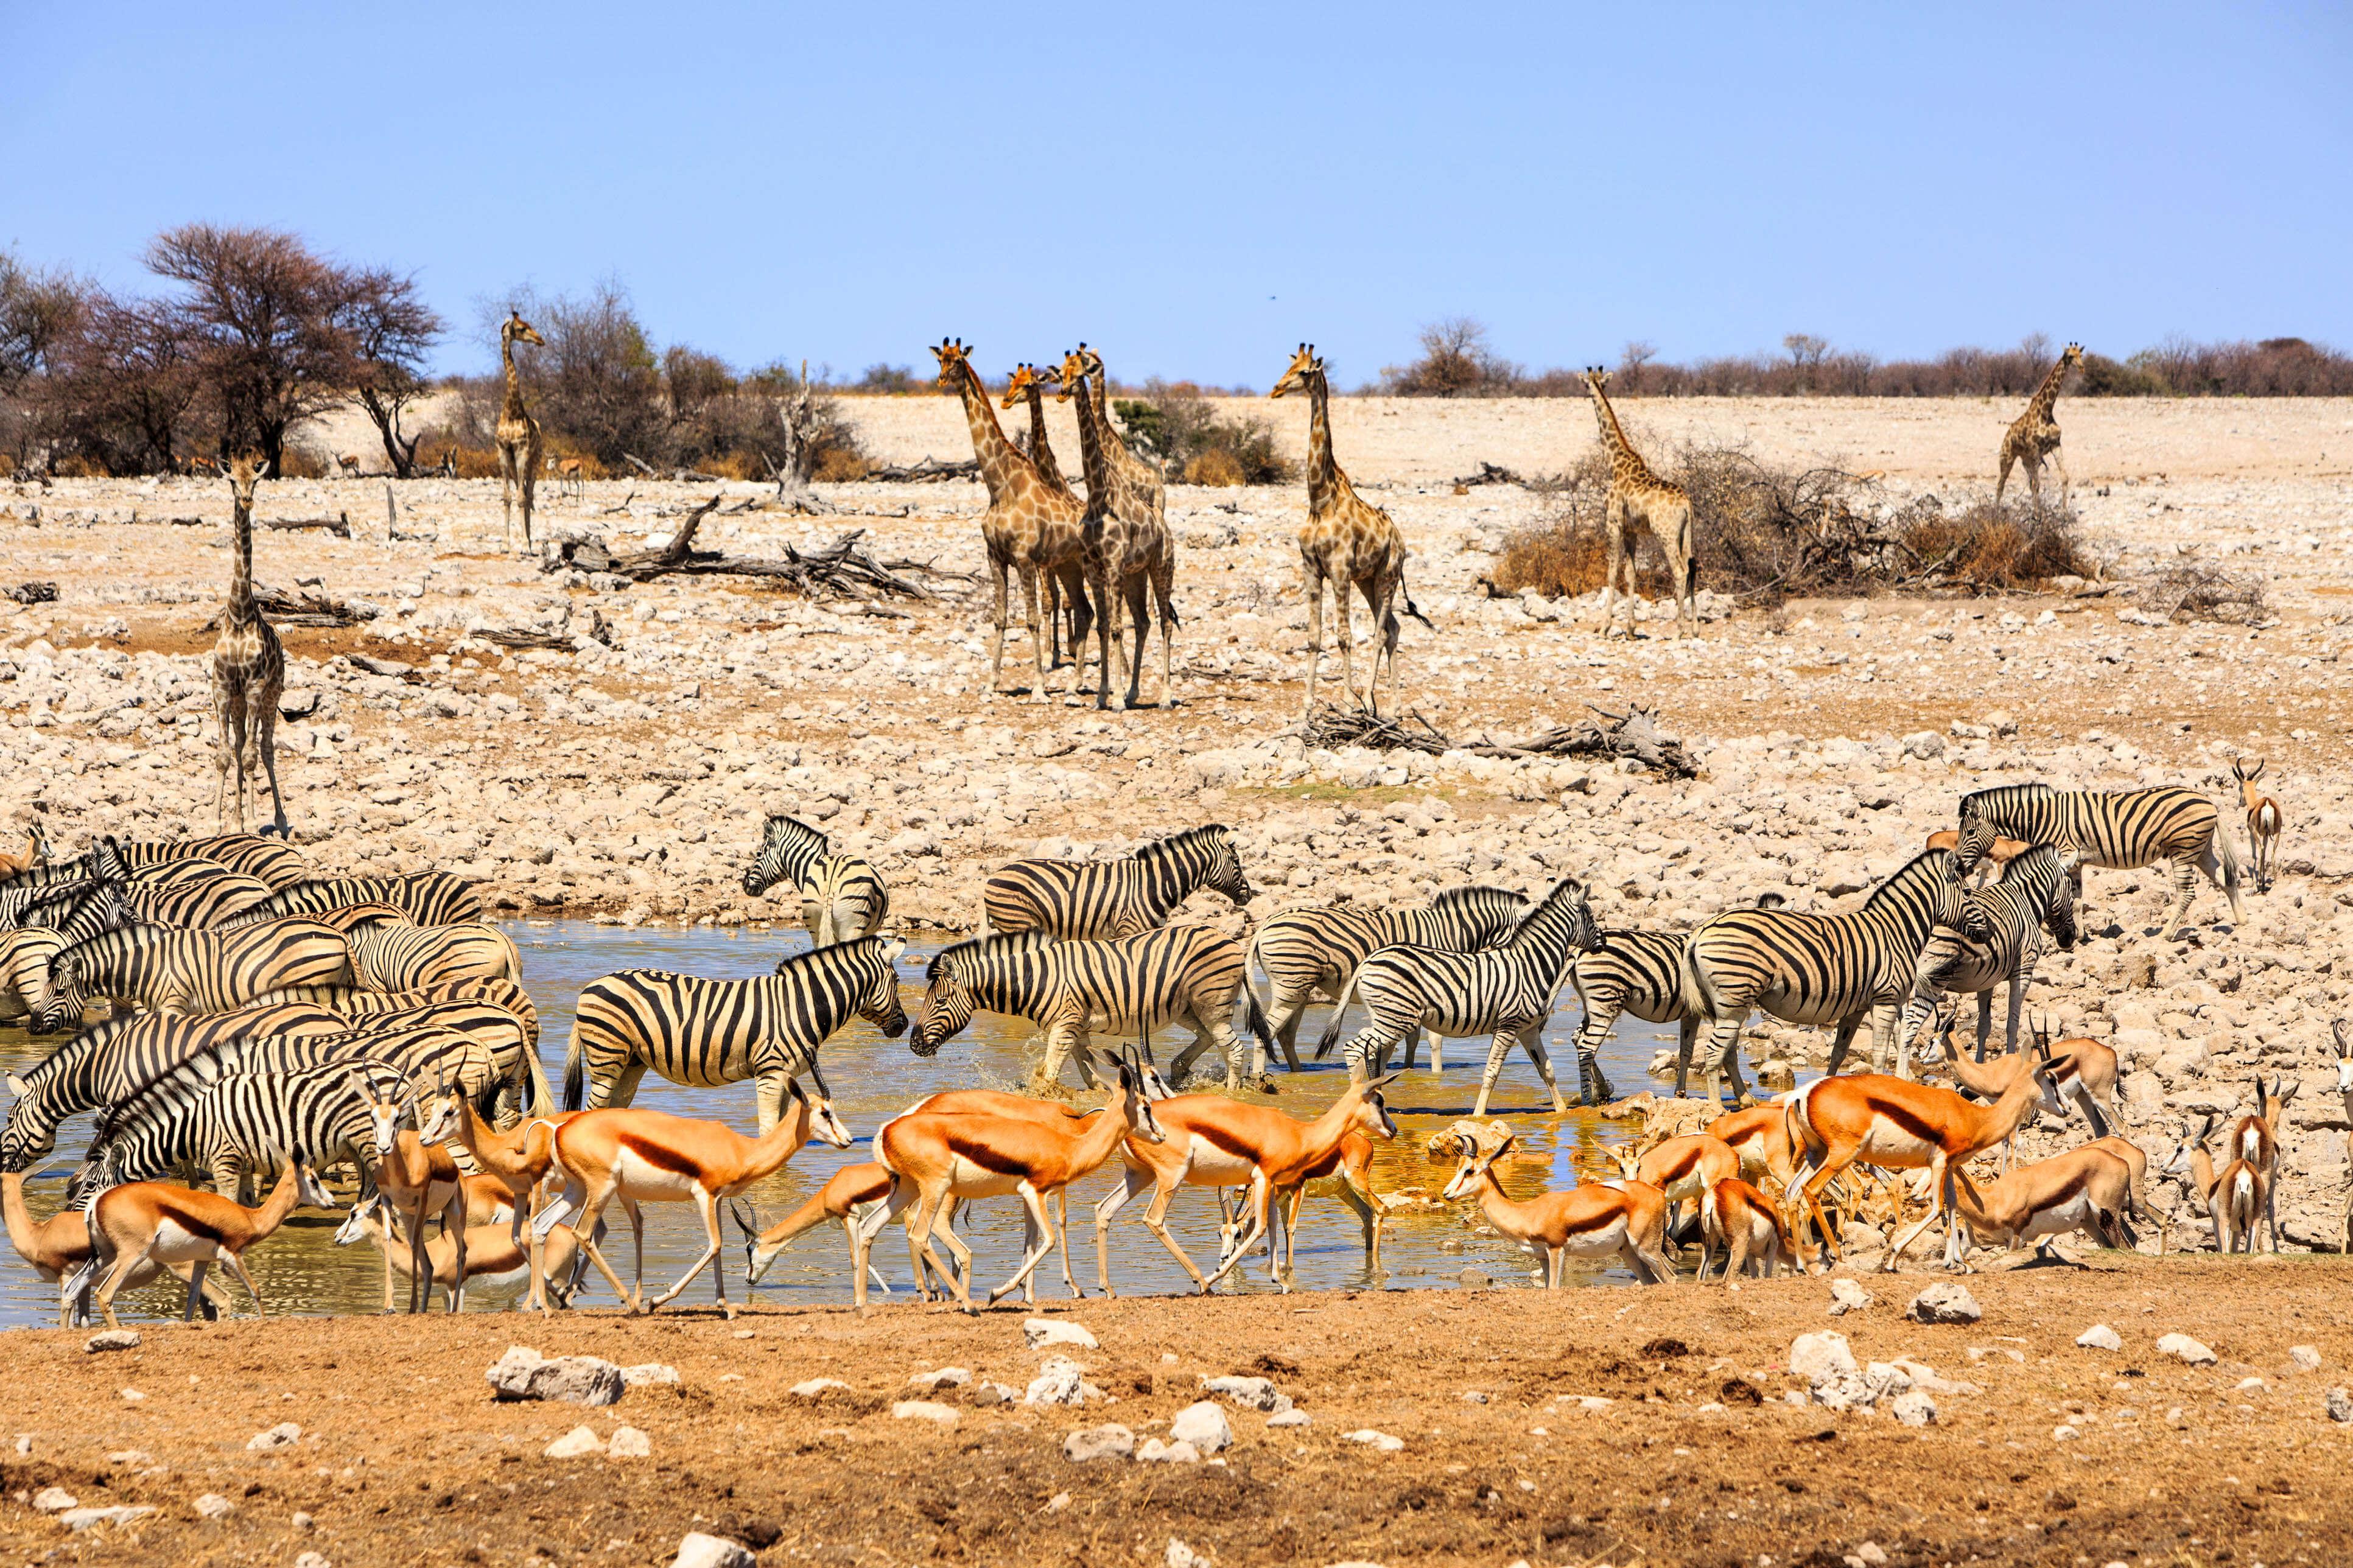 Themenwoche Namibia: Infos und Tipps für euren Urlaub ...